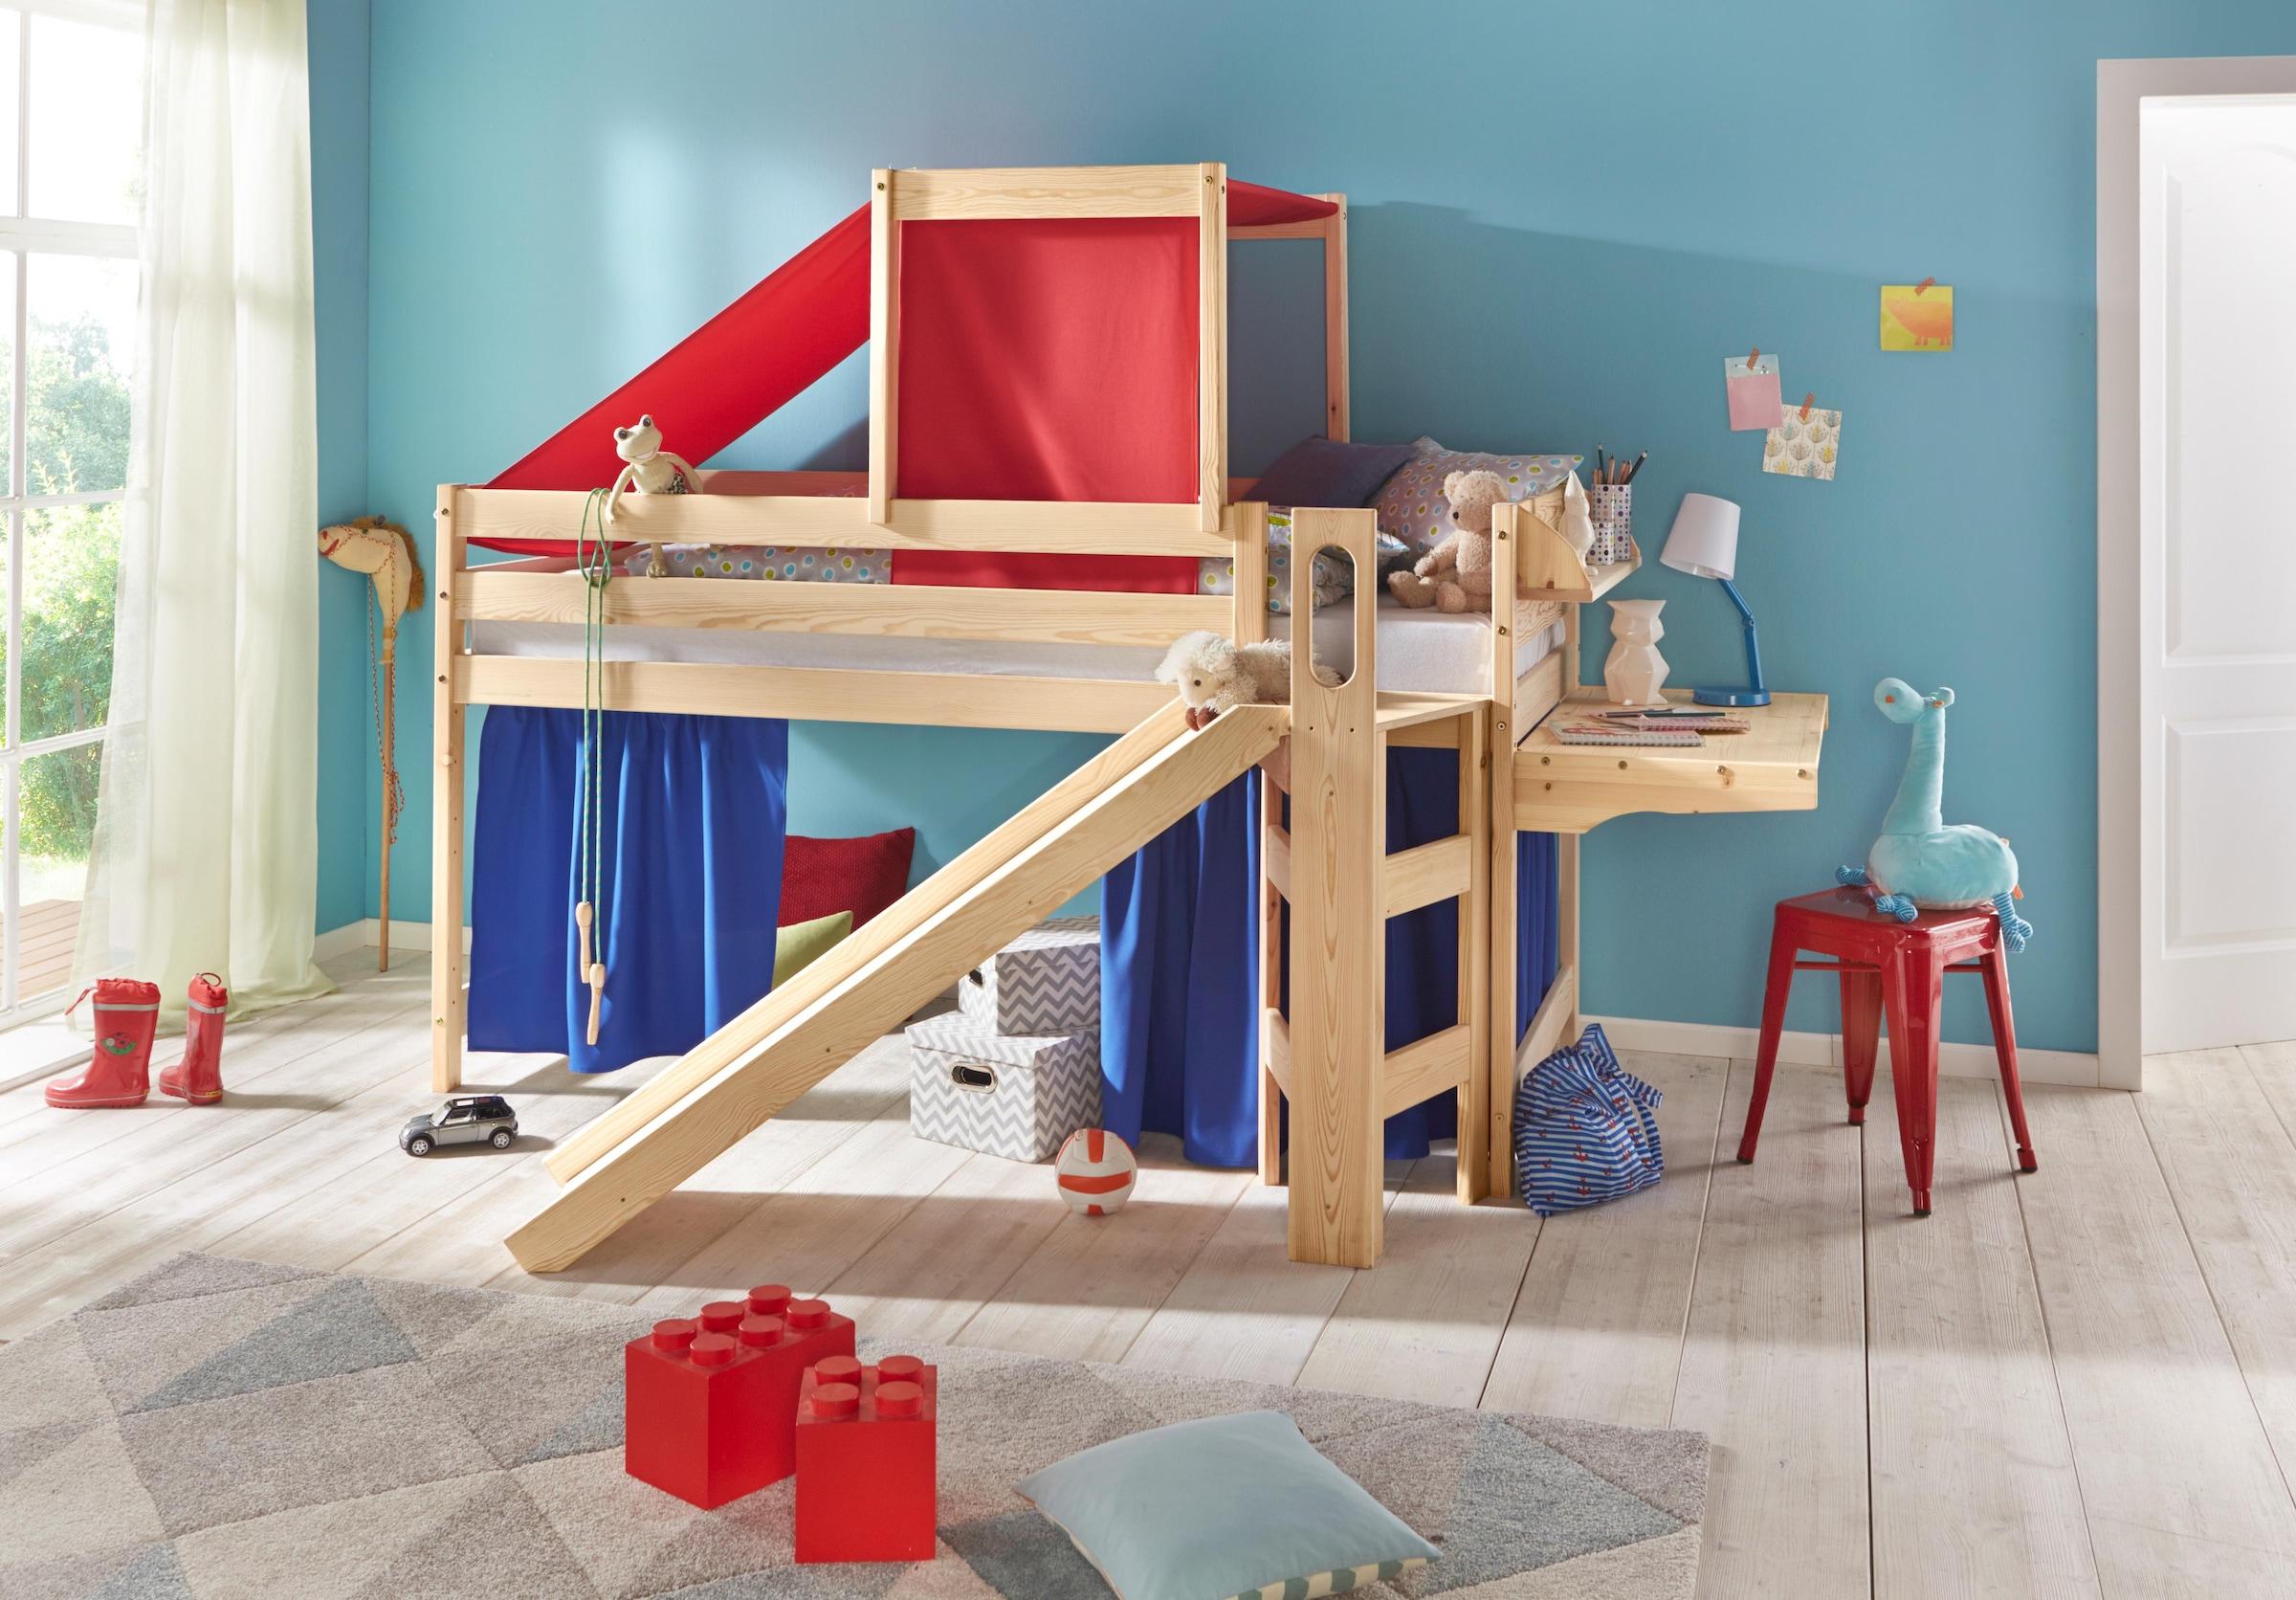 Etagenbett Schweiz : Kinder etagenbett u stbernadette